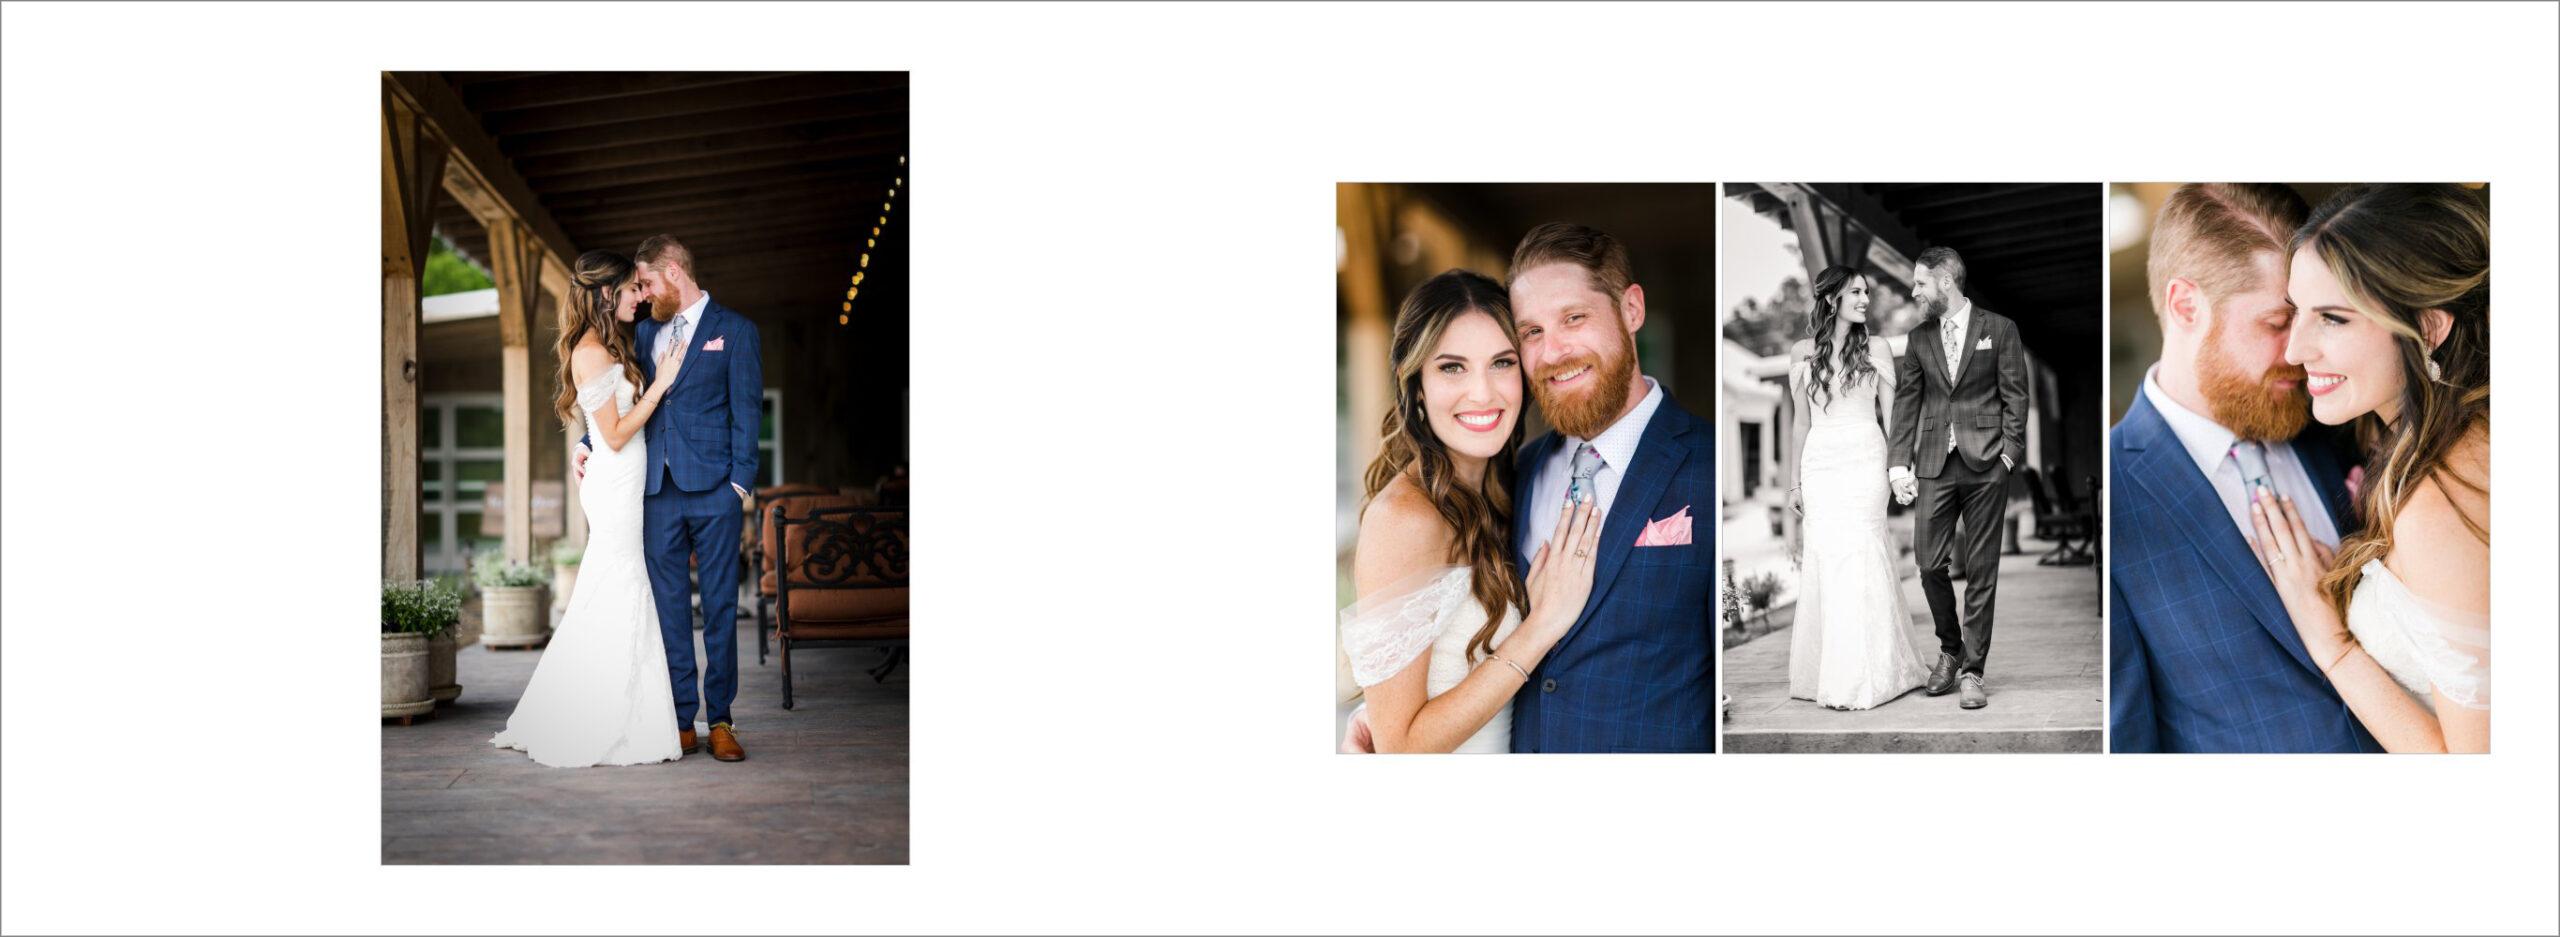 Bride and Groom porch photos